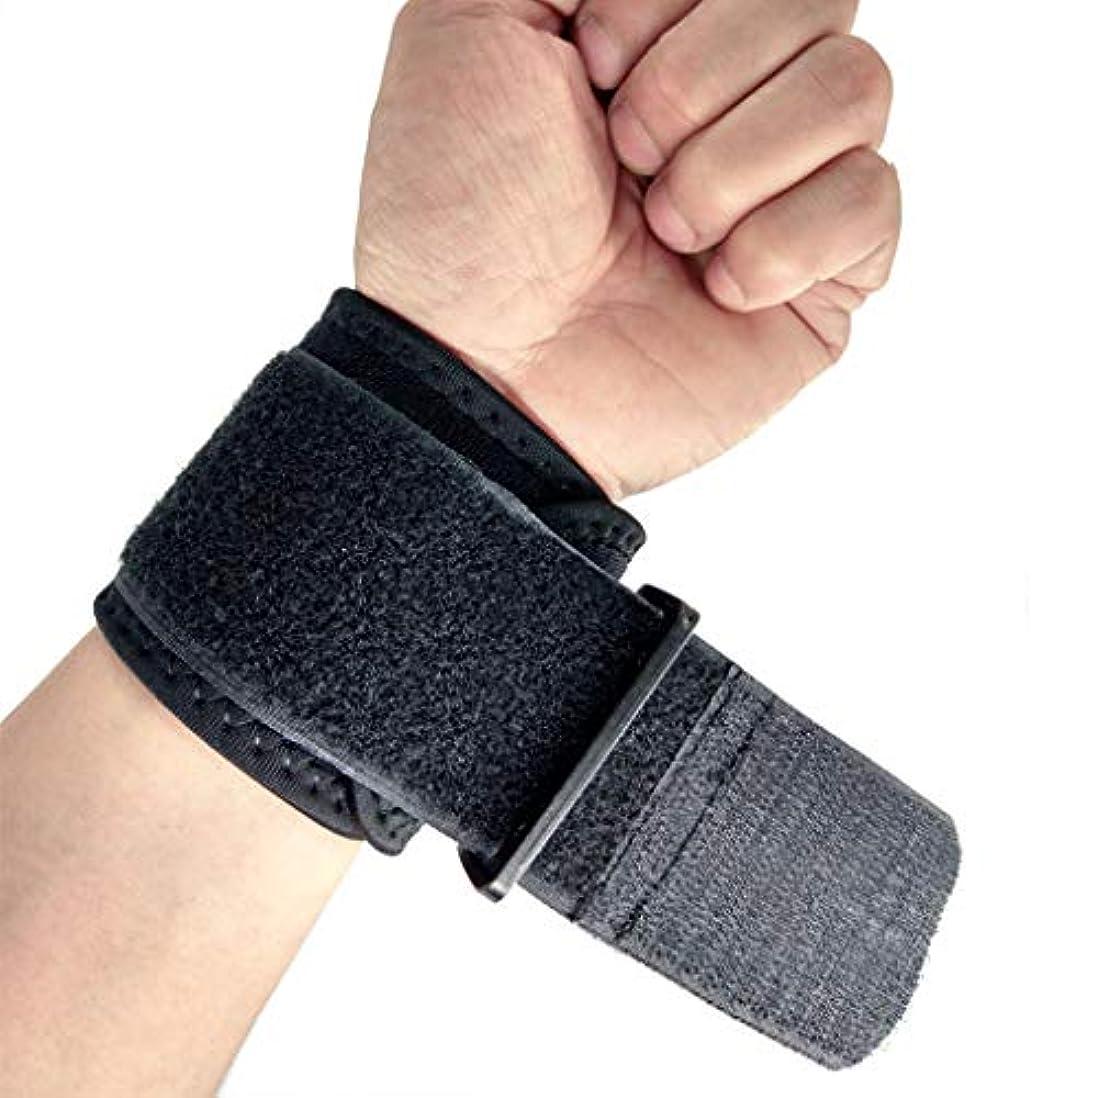 アウター国際敬意リストストラップの緩衝圧力;ハンドサポート加圧巻線;スポーツ用保護具、保護用暖かさ、マウスの手、母の手に適して